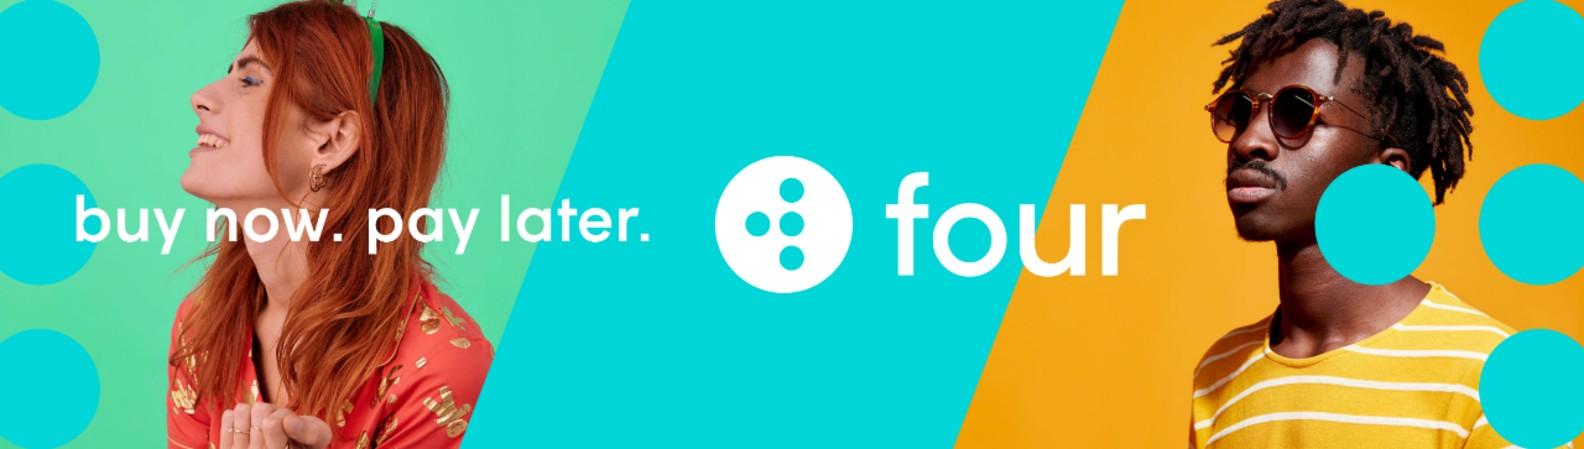 Four | LinkedIn